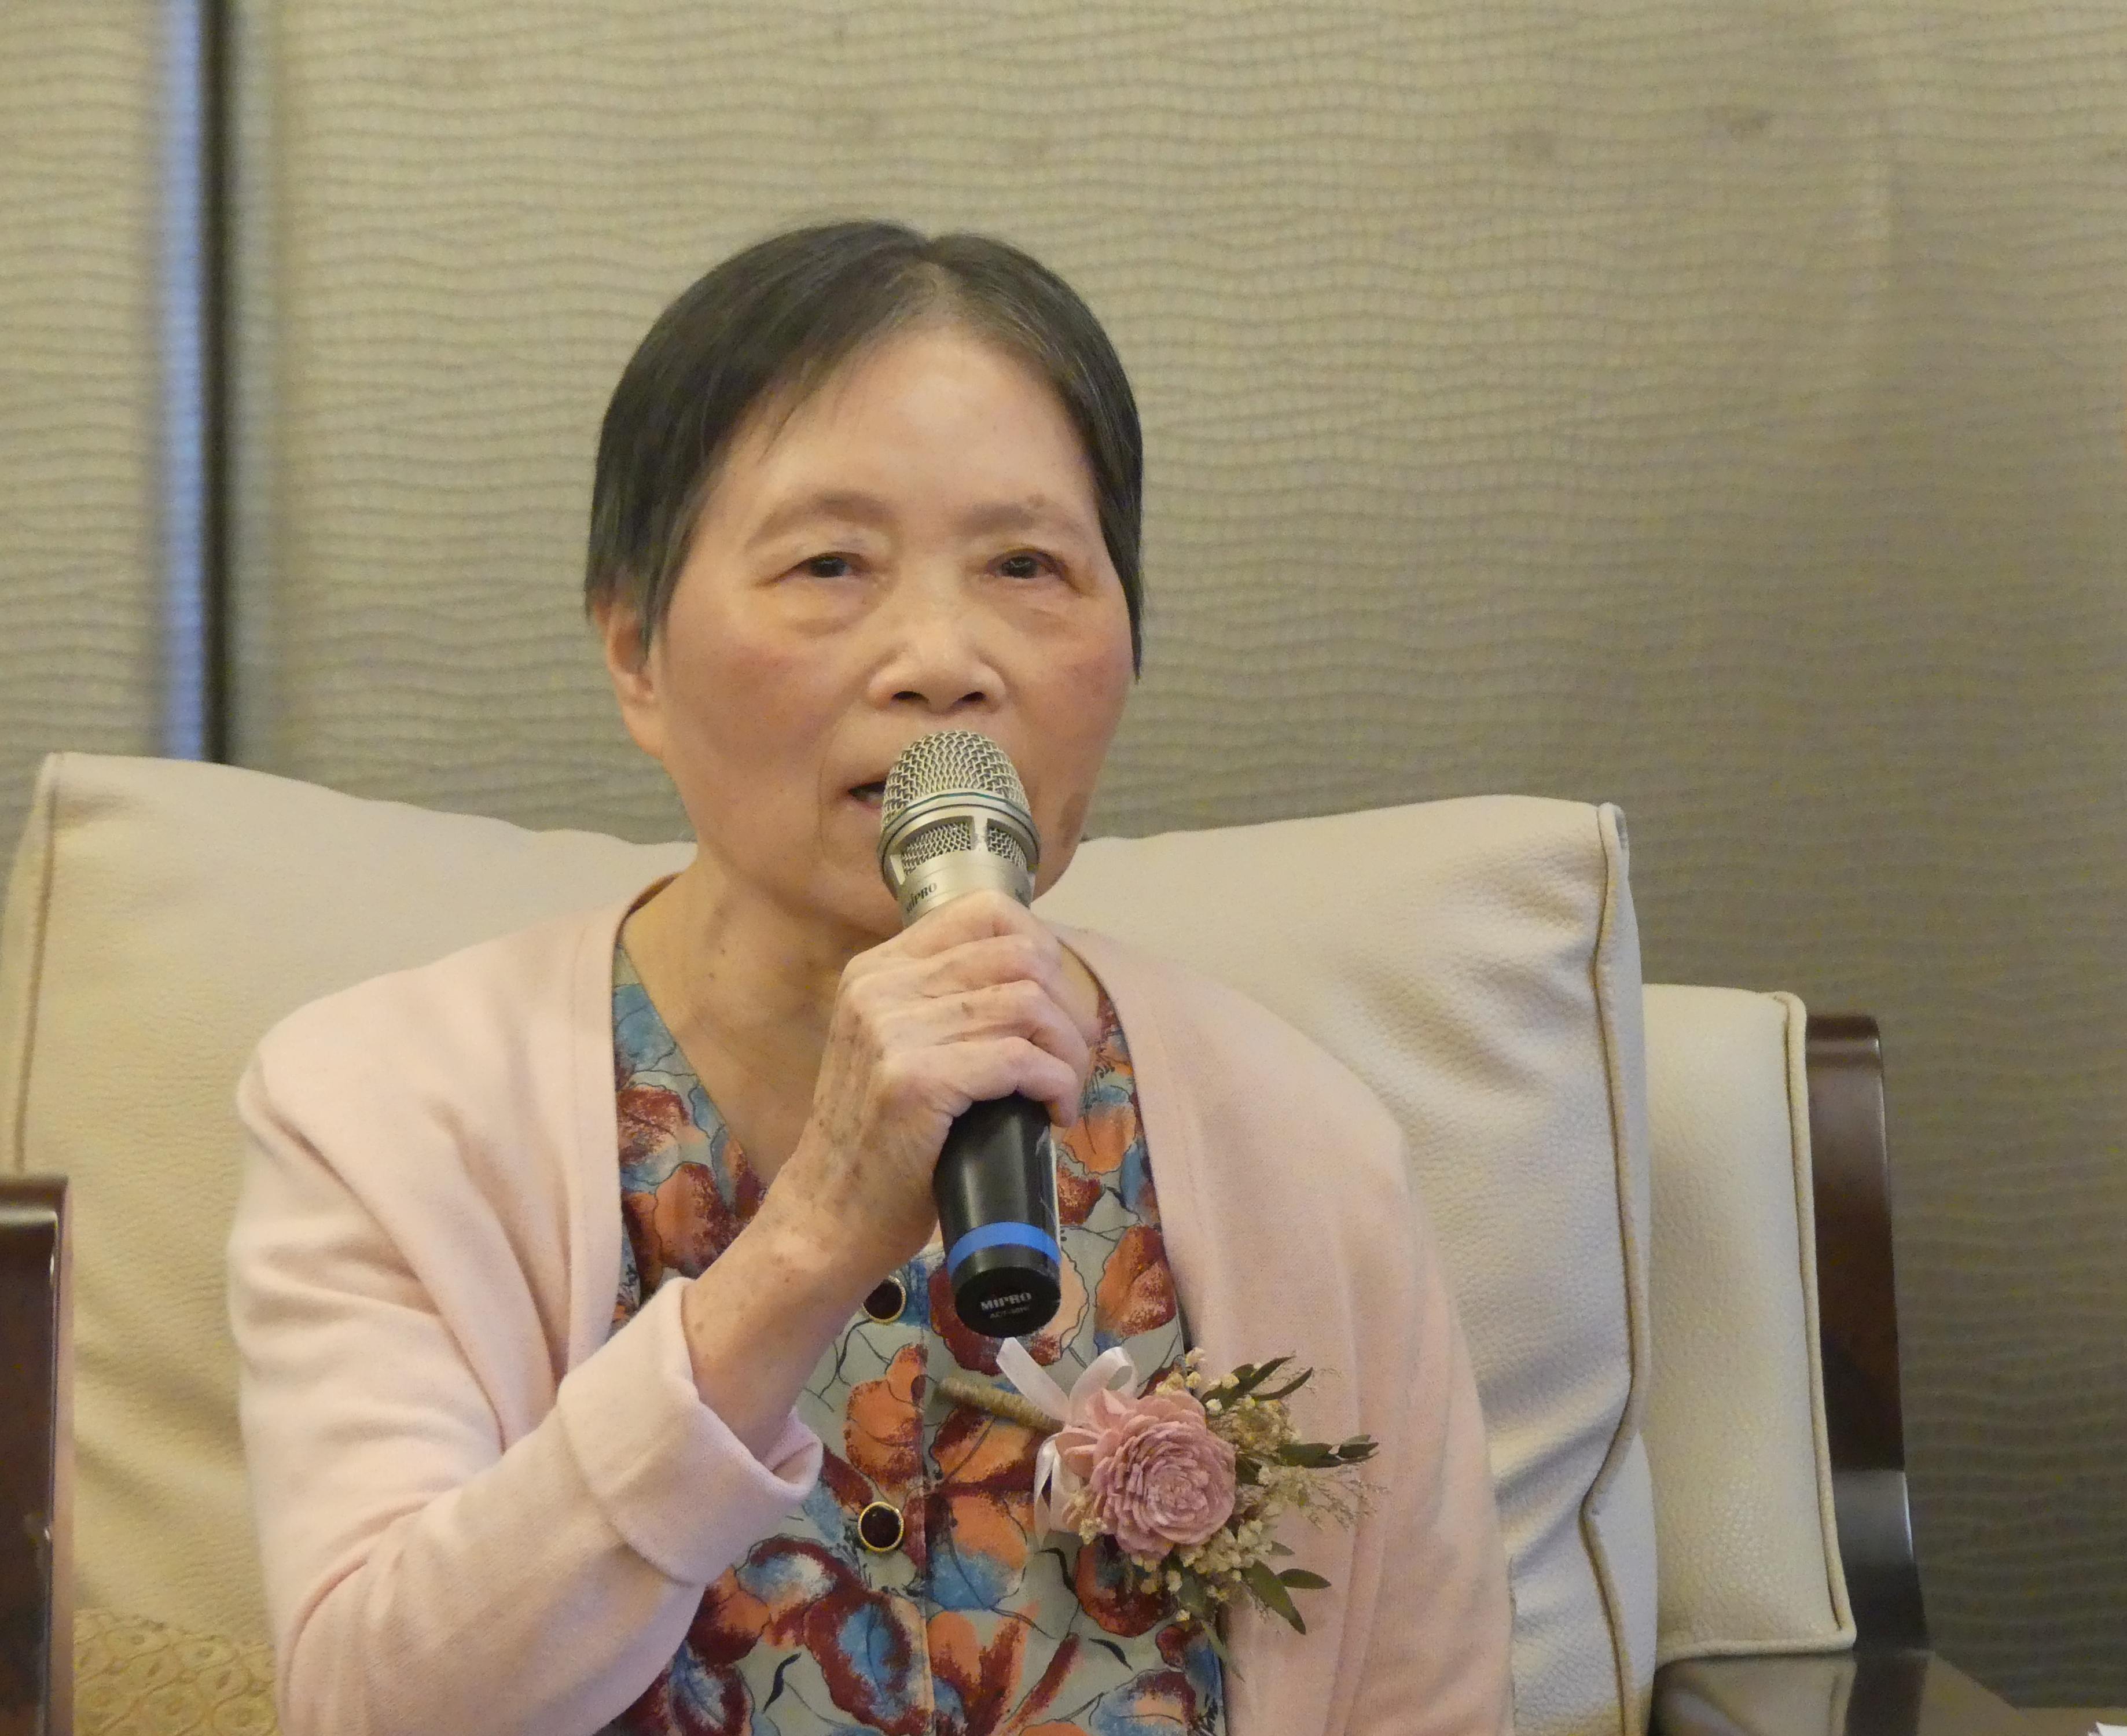 圖四、年邁79歲的李奶奶,字句鏗鏘有力,與大家分享自己在養老院居住的生活,此外,亦大方侃侃而談對於死亡充滿樂觀及開放的態度。